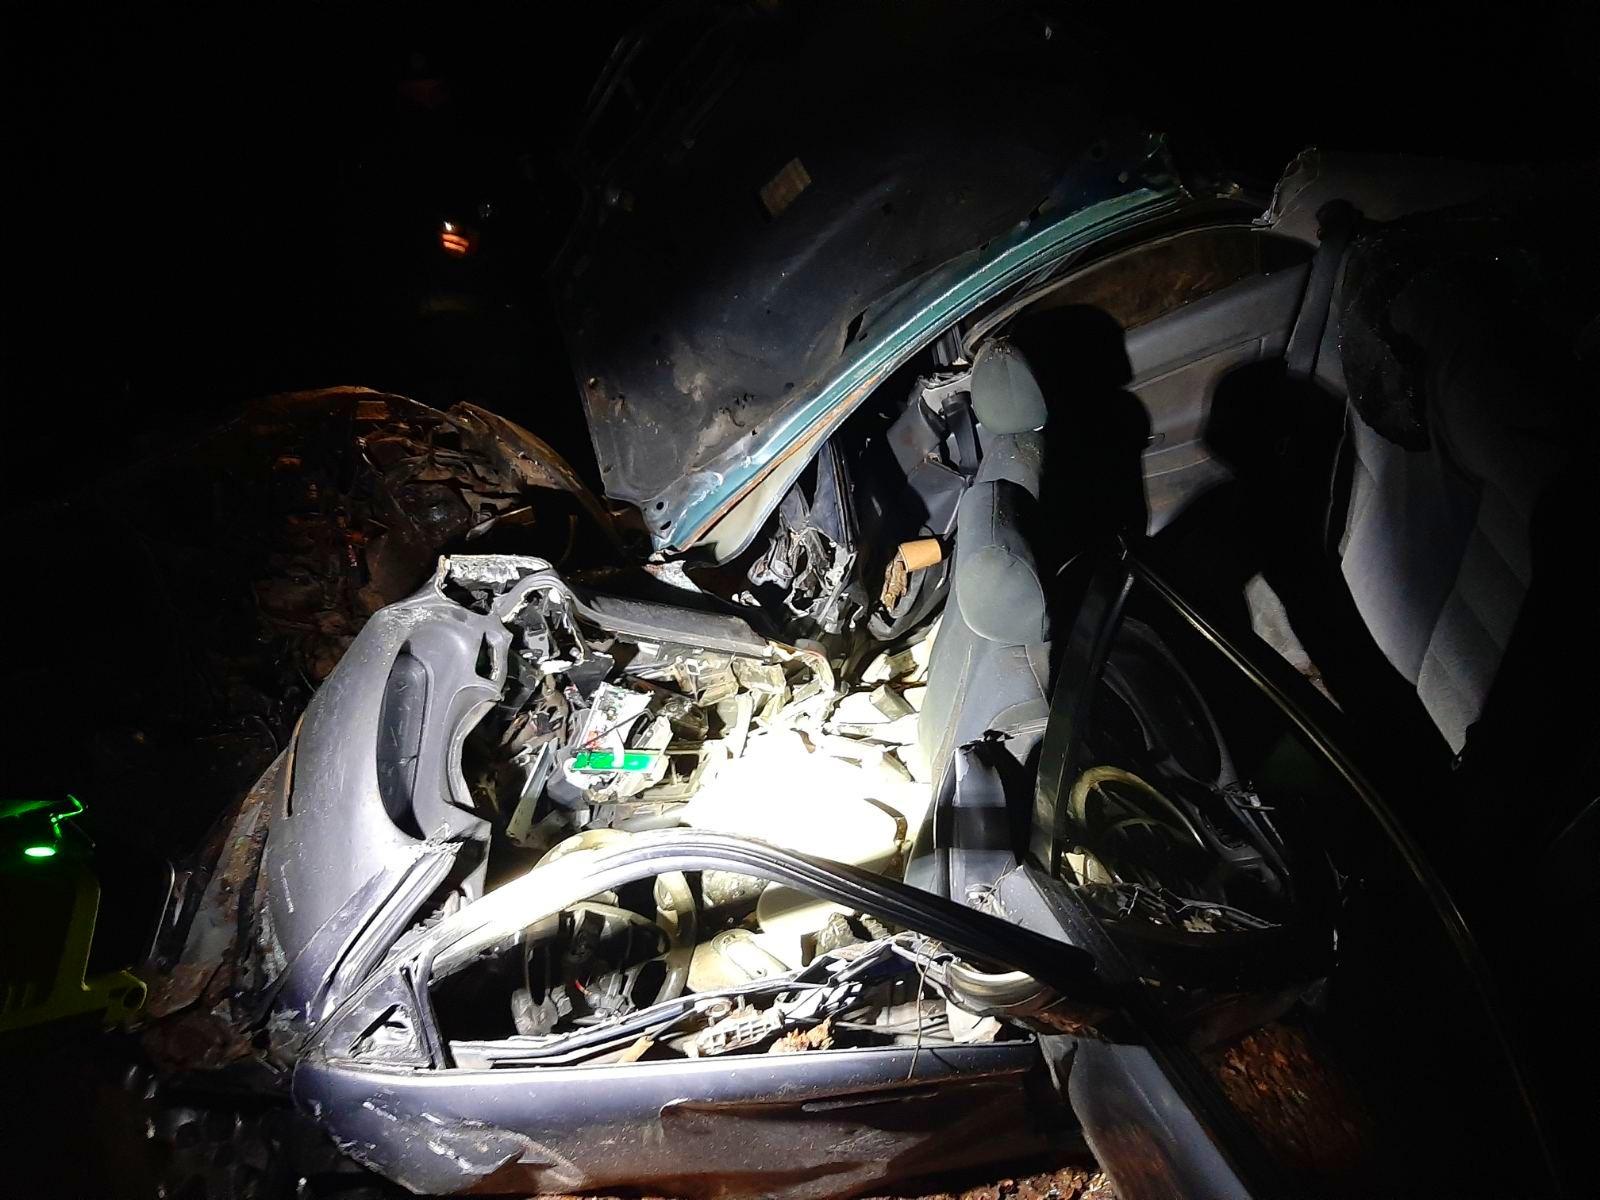 На Київщині водій не впорався з керування і врізався у дерево - Пісківська ОТГ, Бородянський район, Аварія - 01